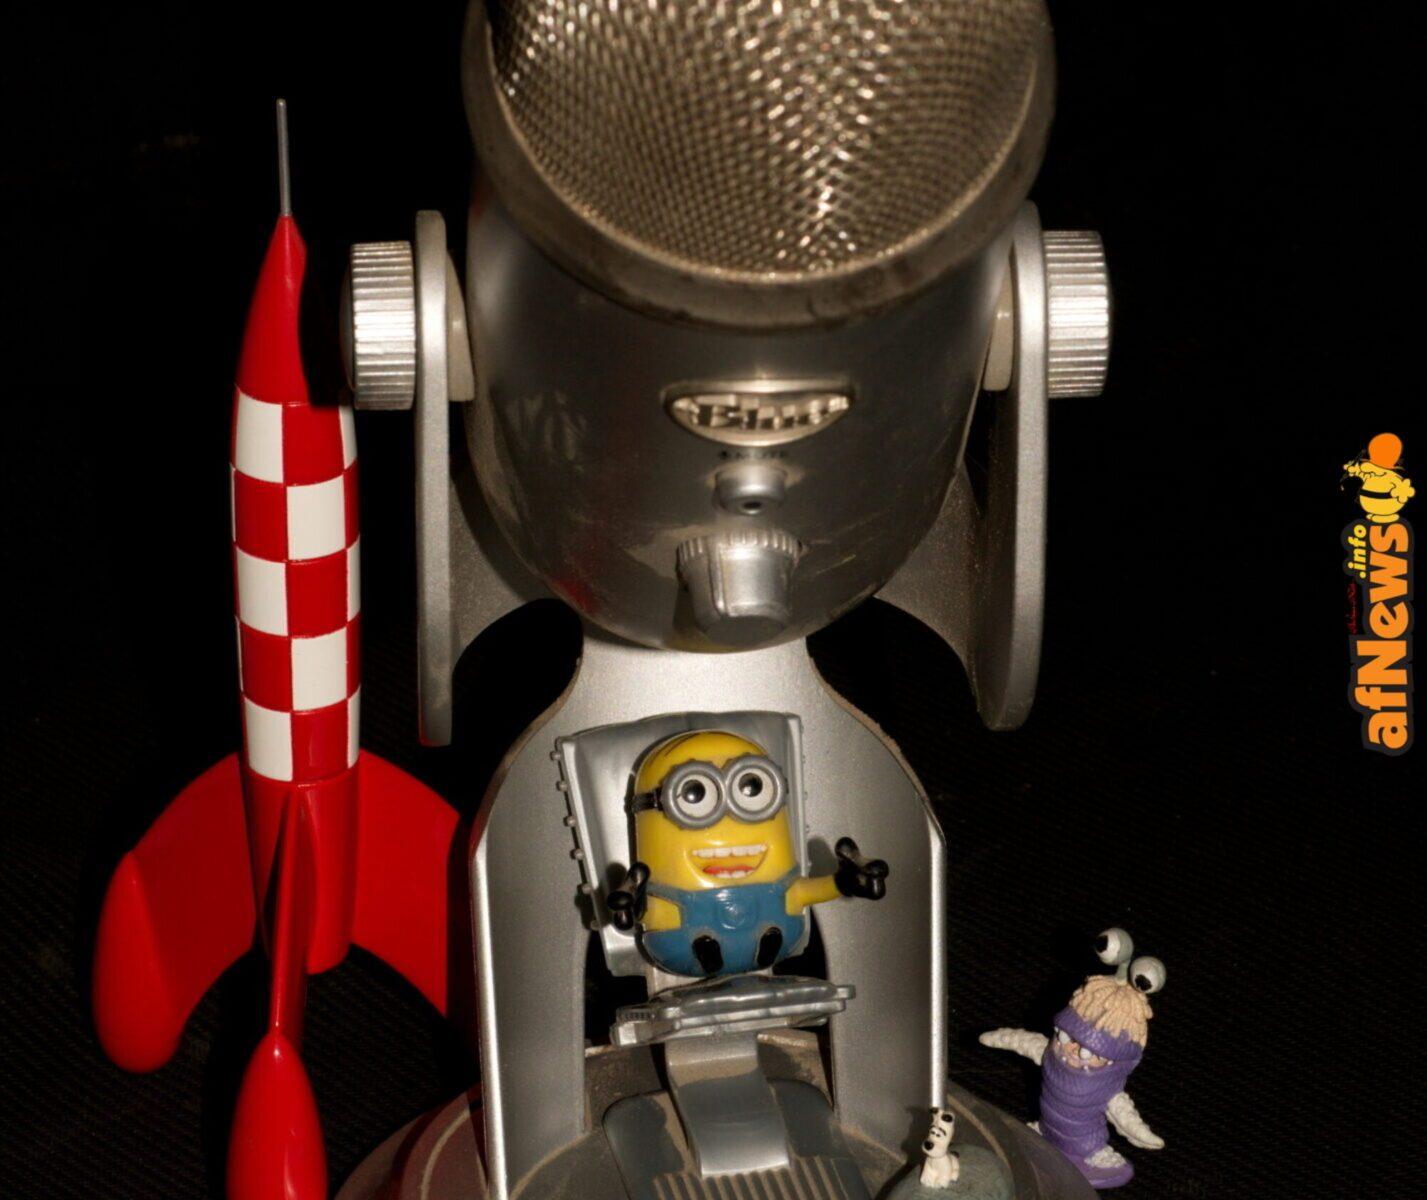 Fumetto su Fumetto, serie fotografica di Gianfranco Goria. Minion sotto microfono Blue con Razzo Tintin, Idefix su menhir e Boo travestita da mostro.